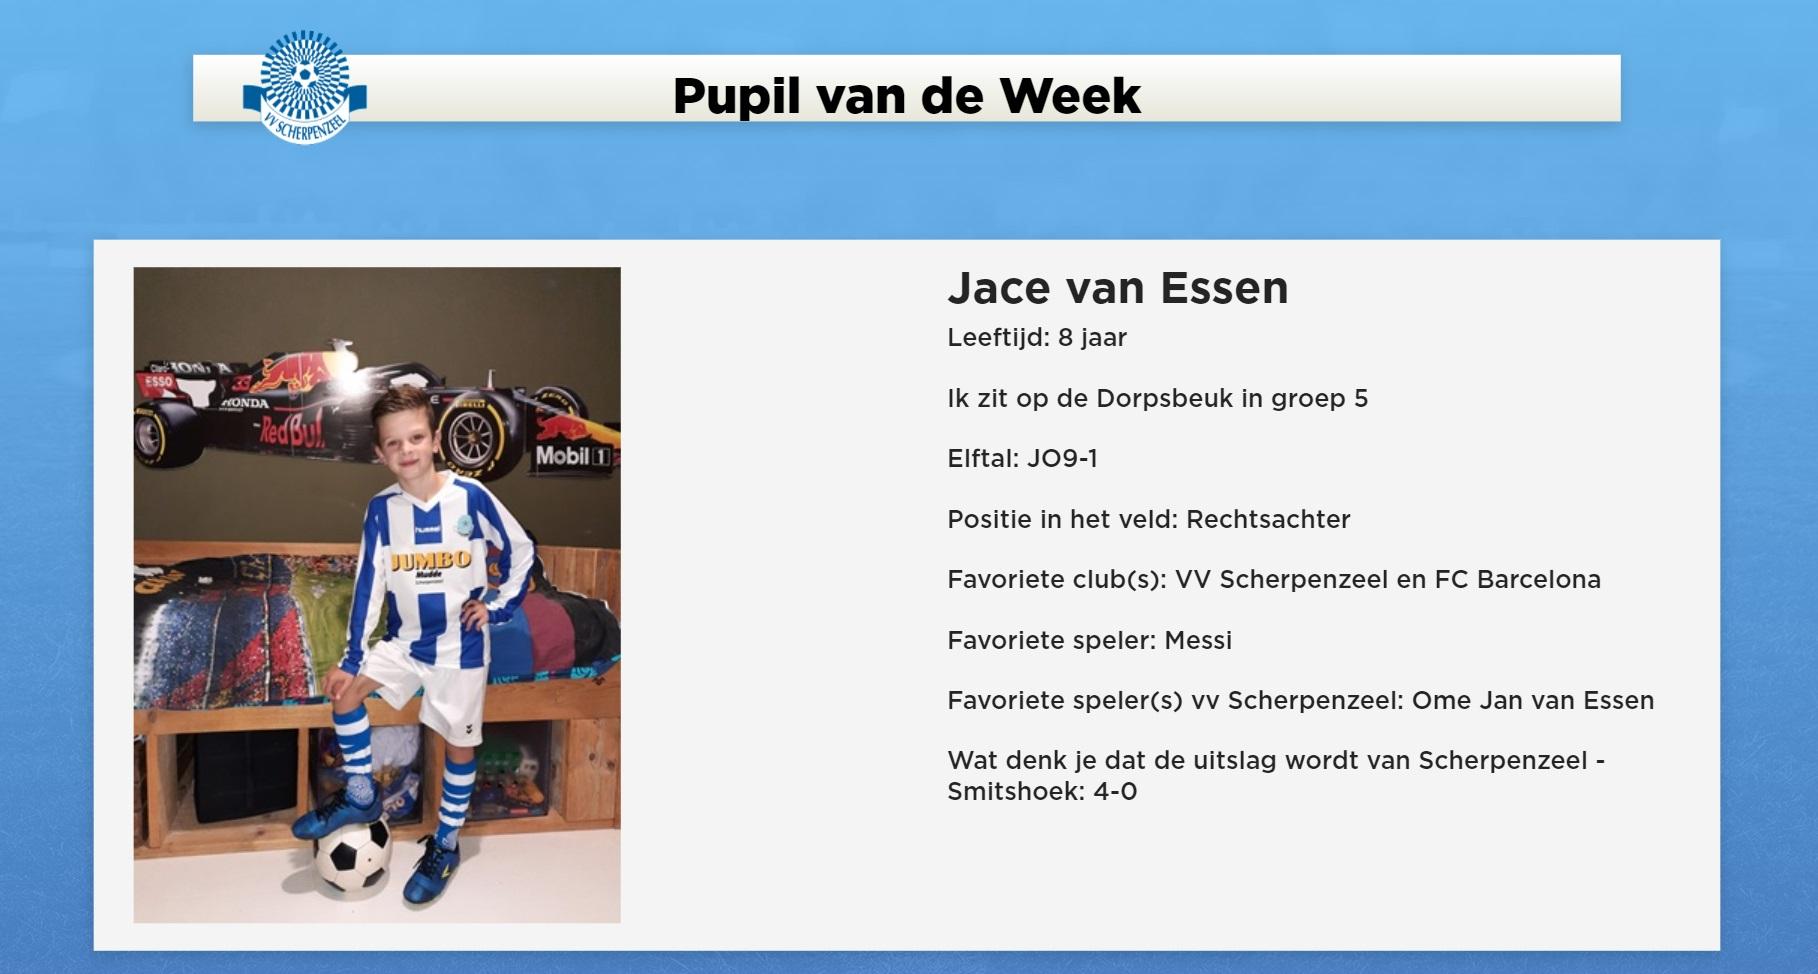 Jace van Essen is Pupil van de Week